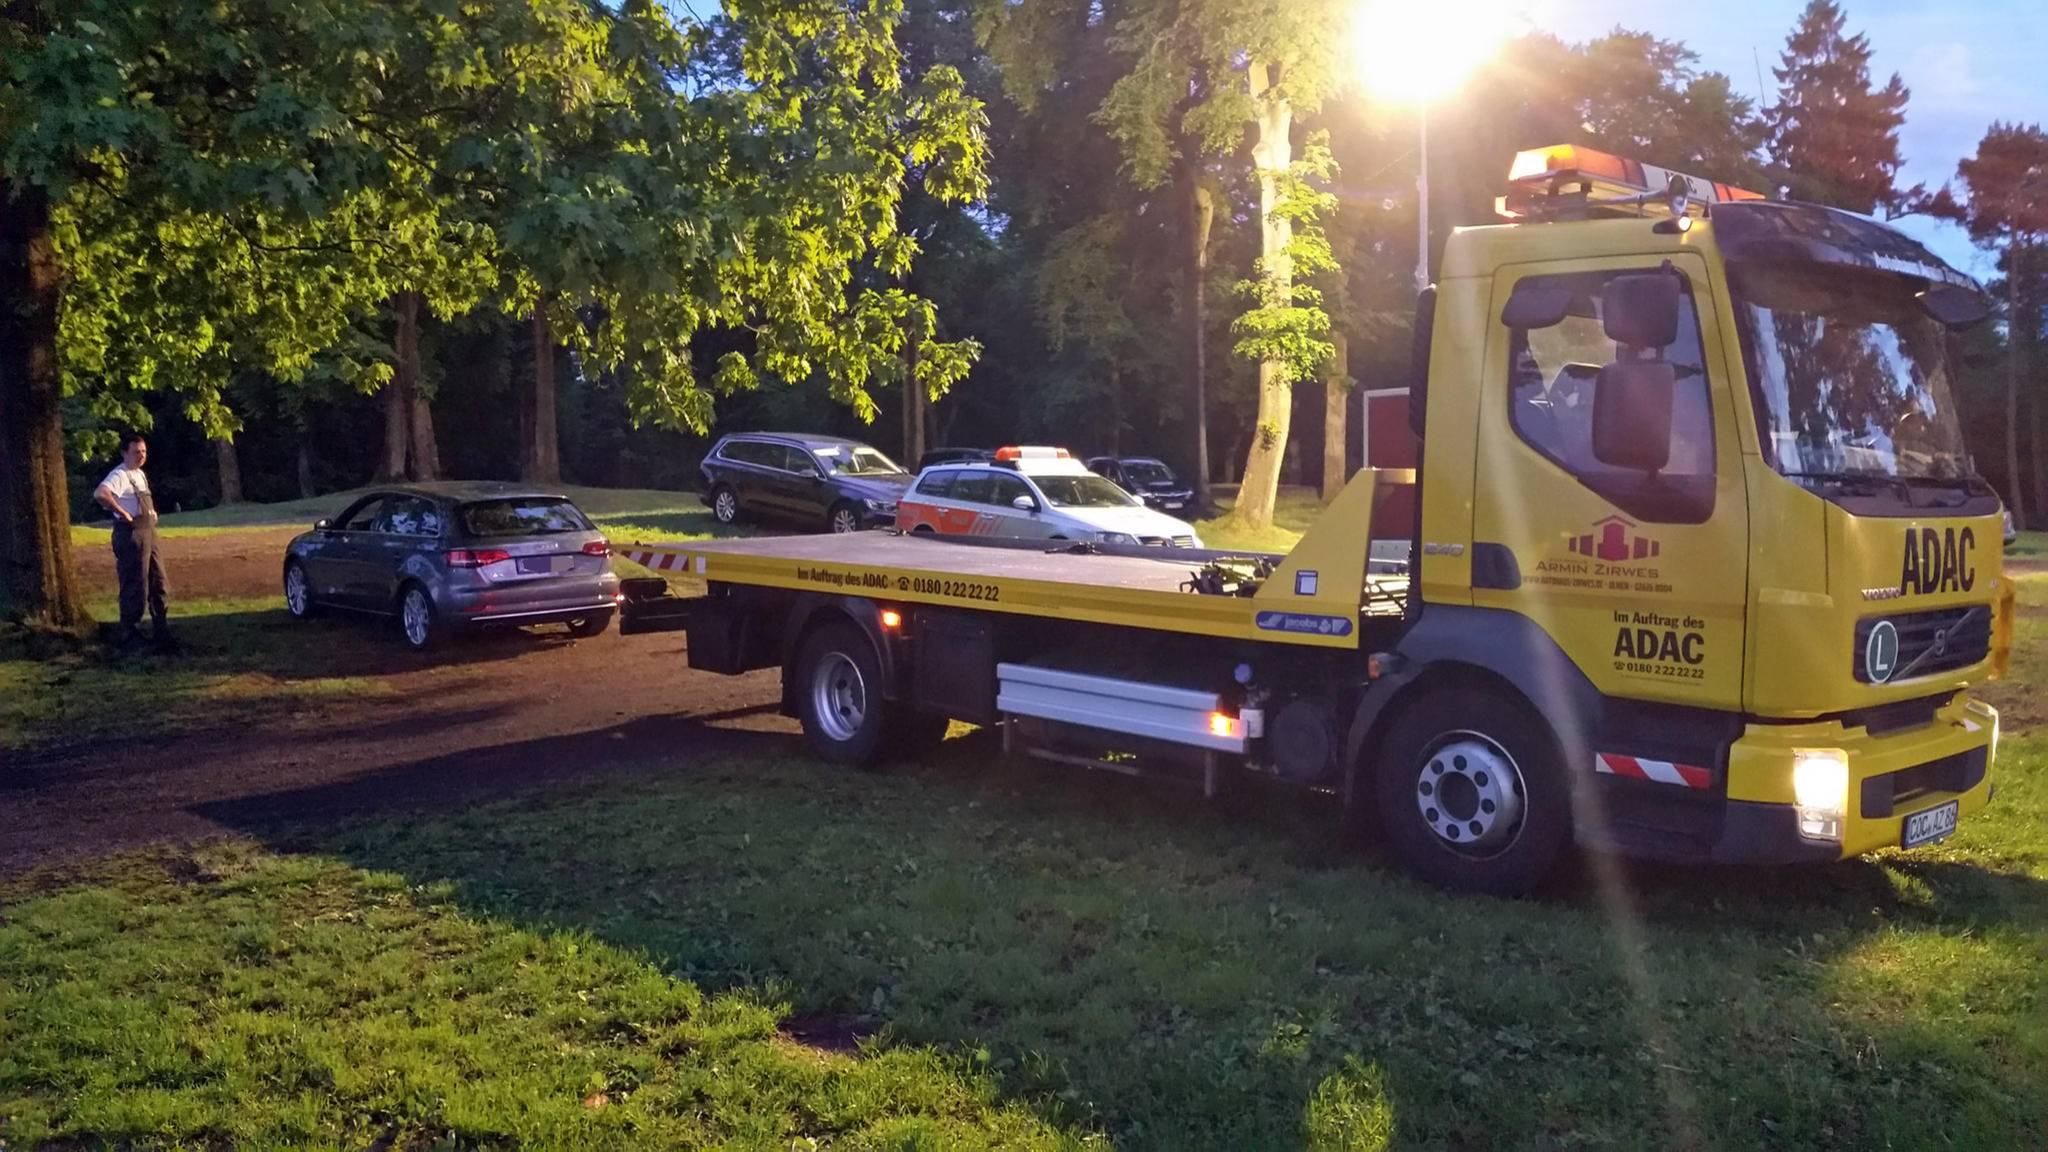 Parkbremse: Wenn die Elektronik das Auto eine Woche lahmlegt